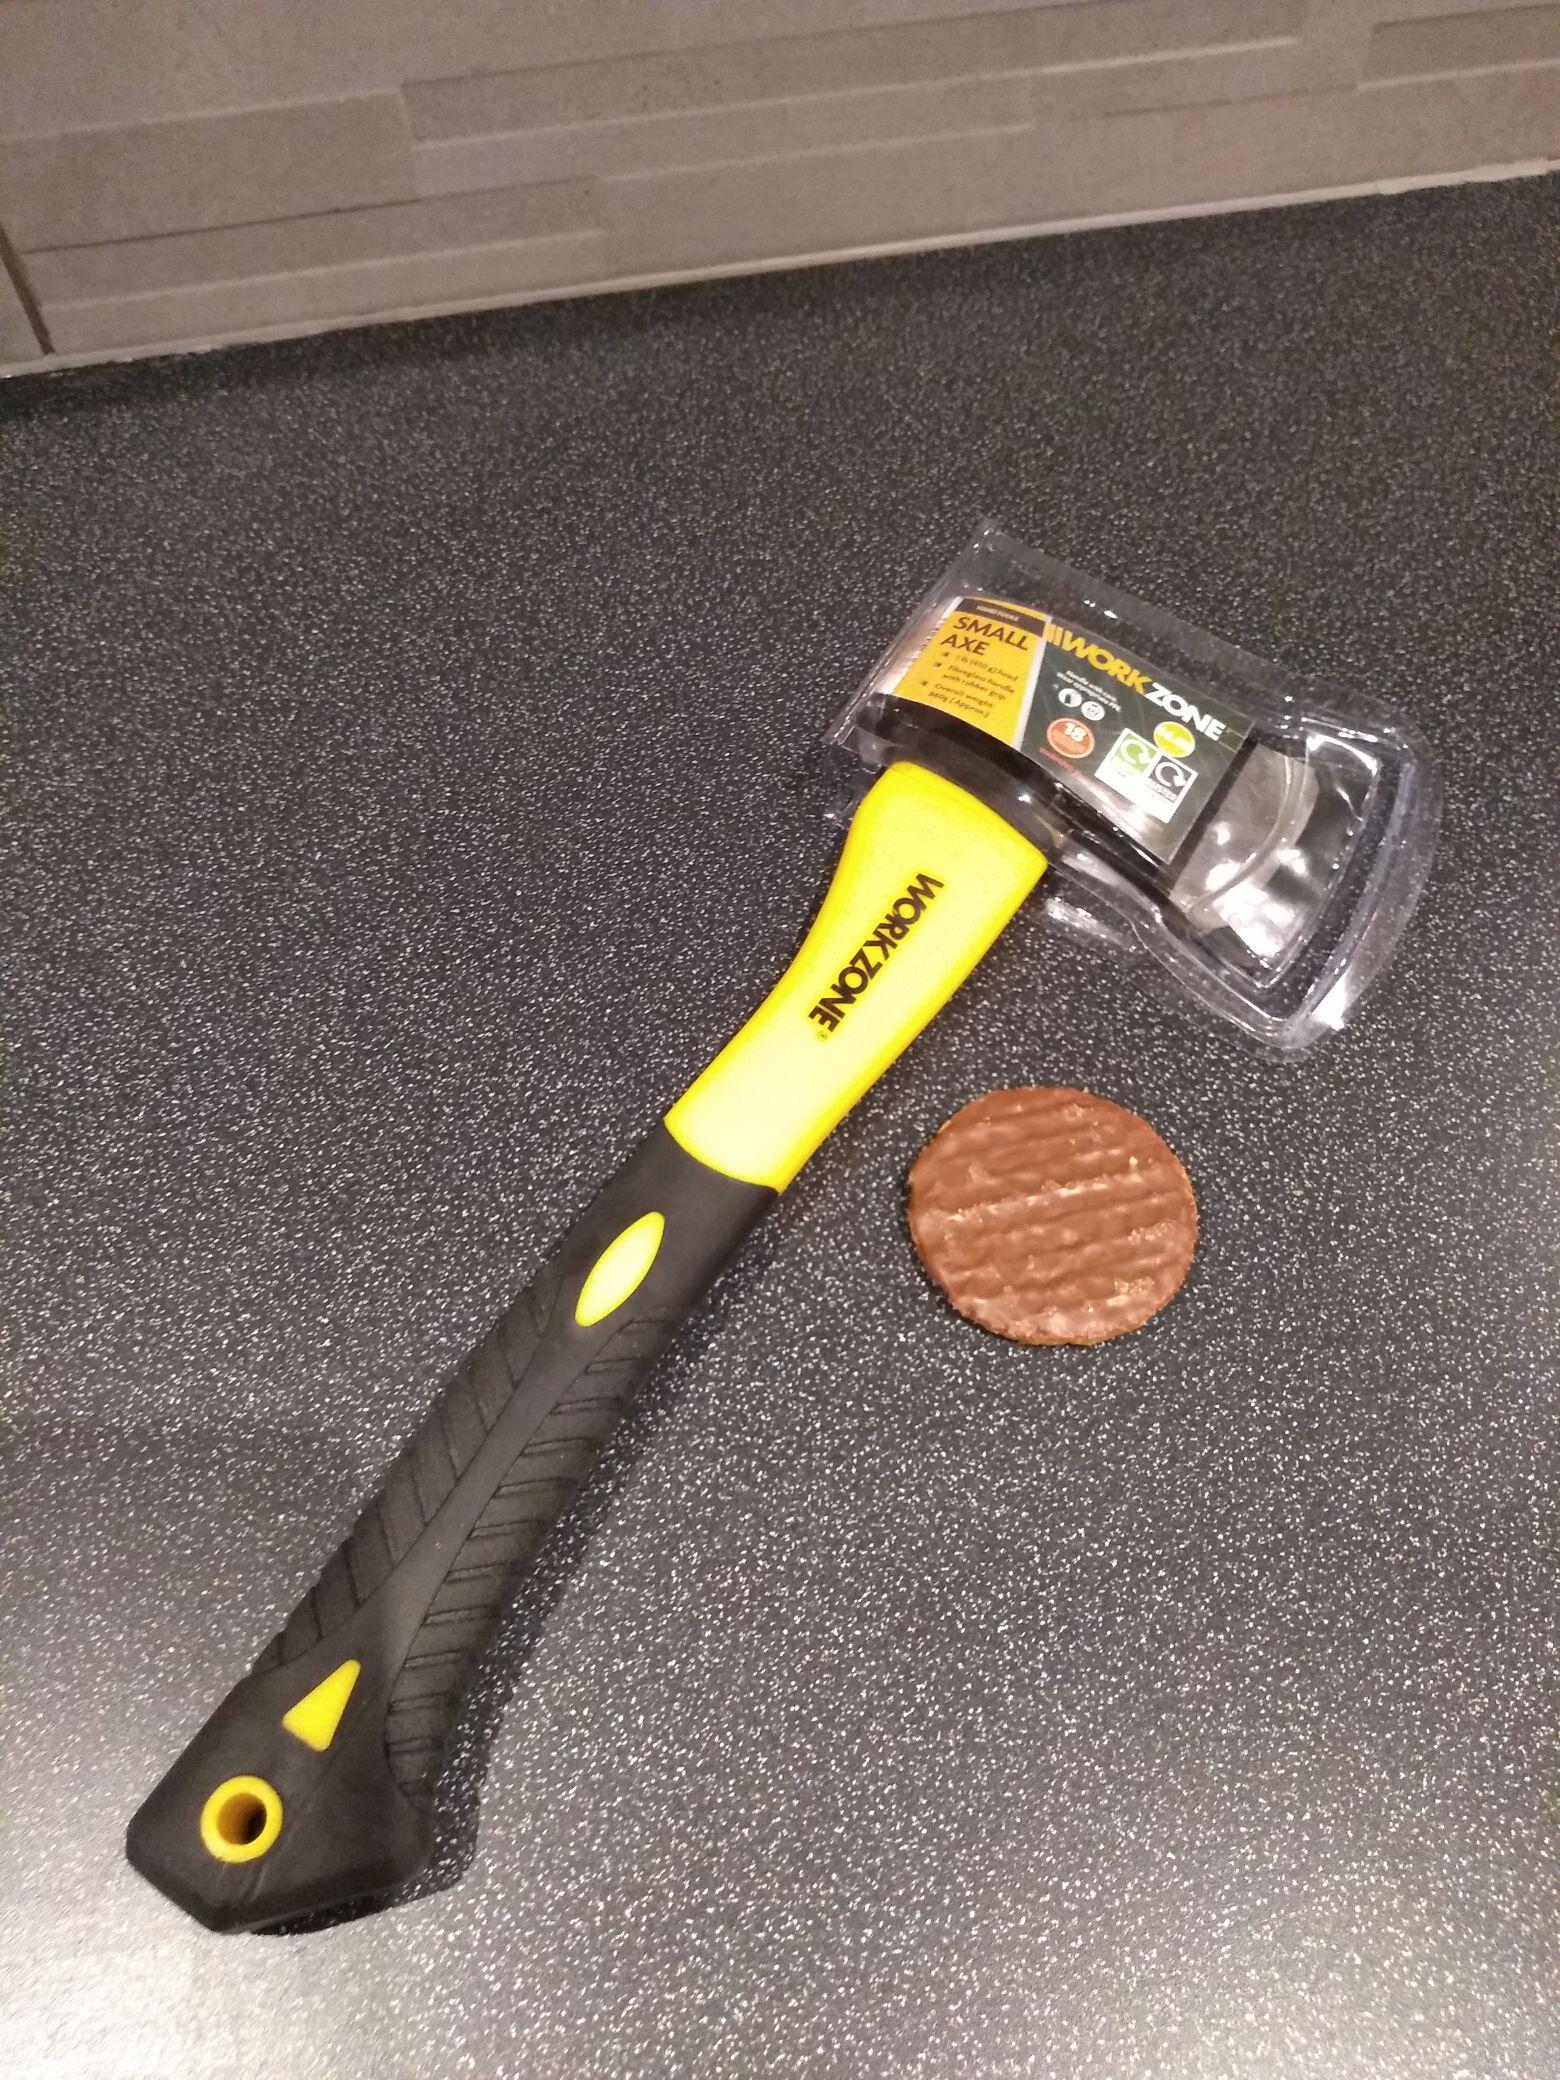 Small axe at Aldi - £4.99